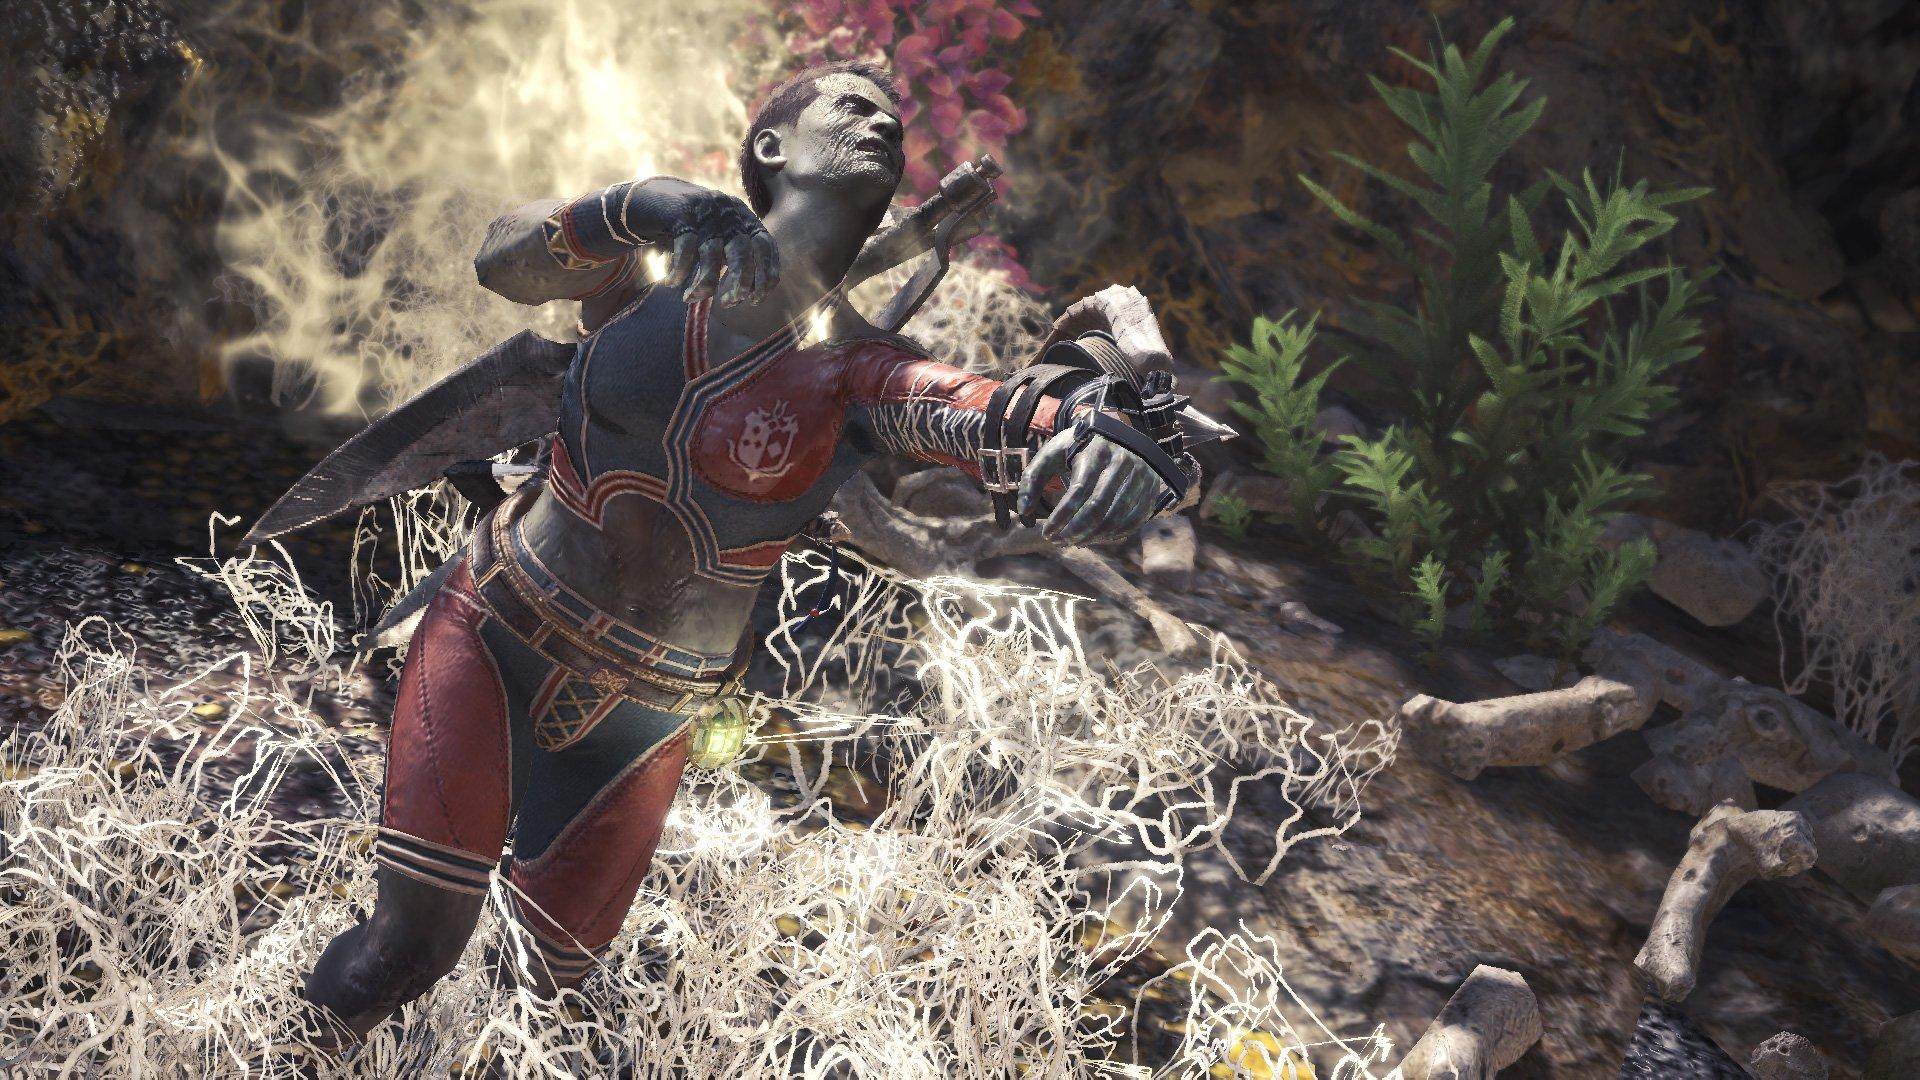 《怪物獵人:世界》聯動任務獵人變喪尸不懼怪物攻擊